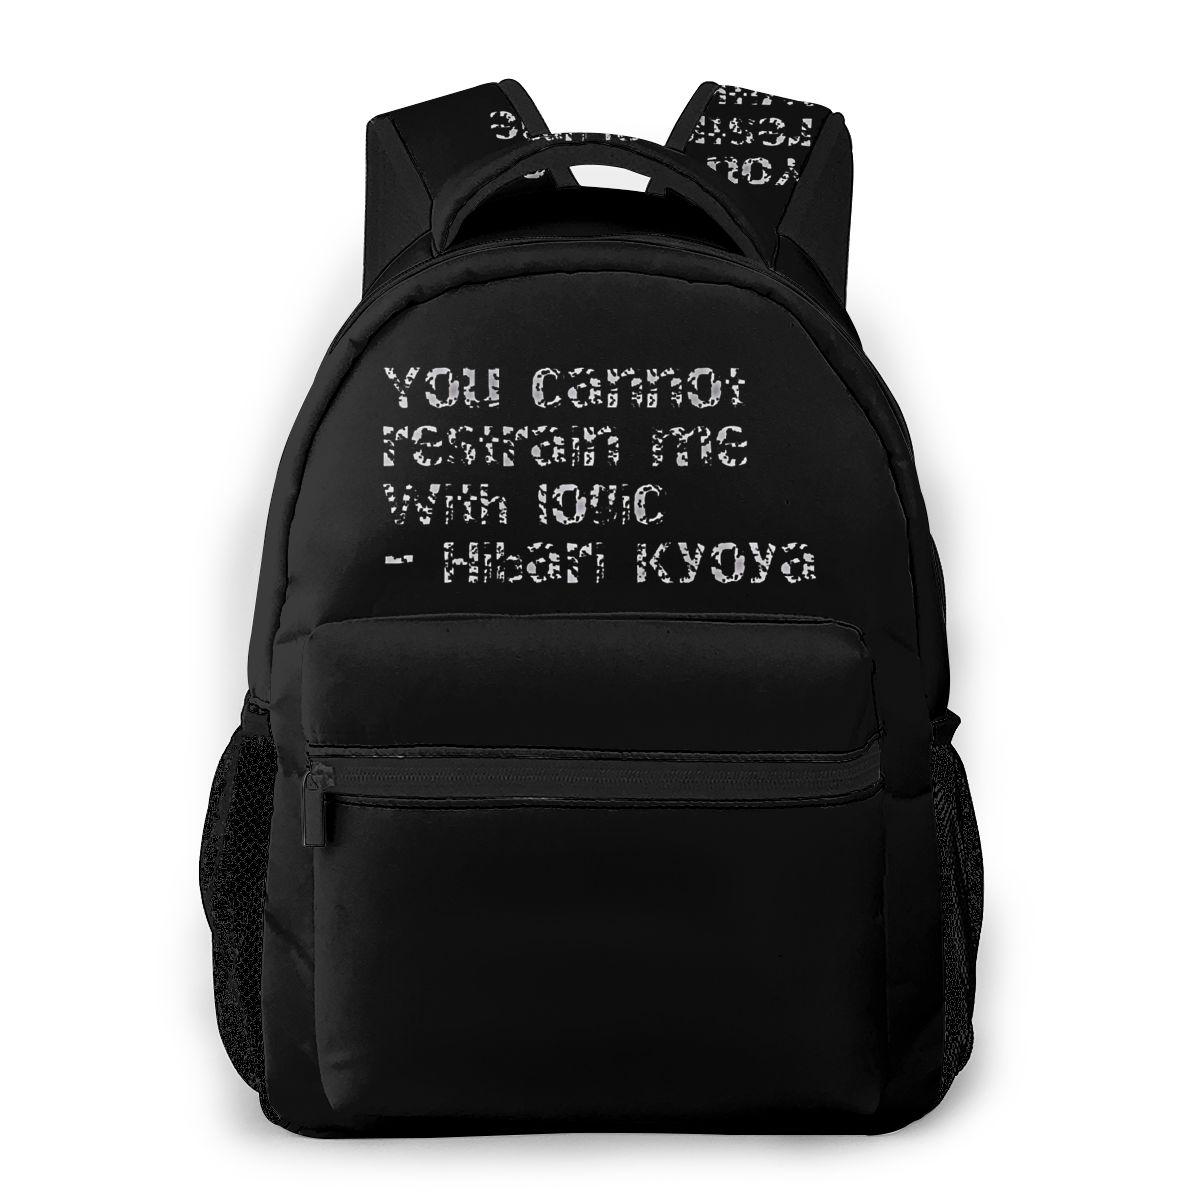 Bolso de hombro HITMAN REBORN para adolescentes, mochila para estudiantes Hibari Kyoya con frase de moda